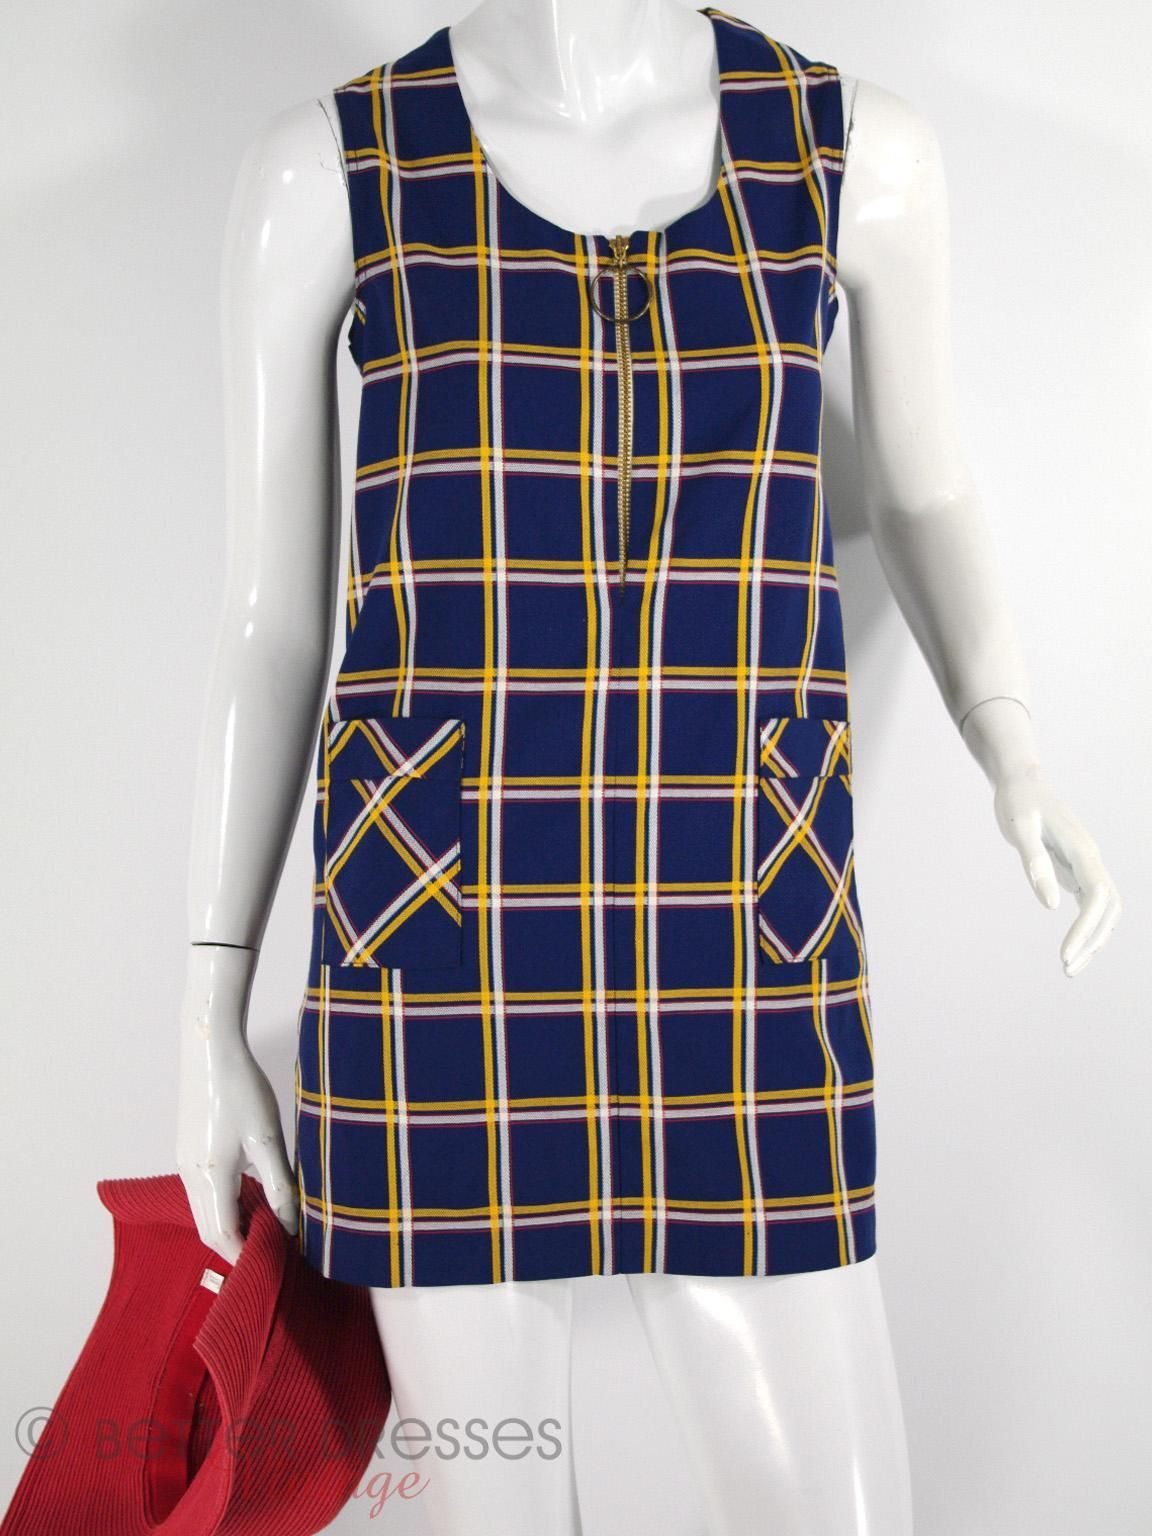 60s 70s Mod Mini Dress In Navy Plaid Mod Mini Dress Mini Dress Mini Shift Dress [ 1536 x 1152 Pixel ]